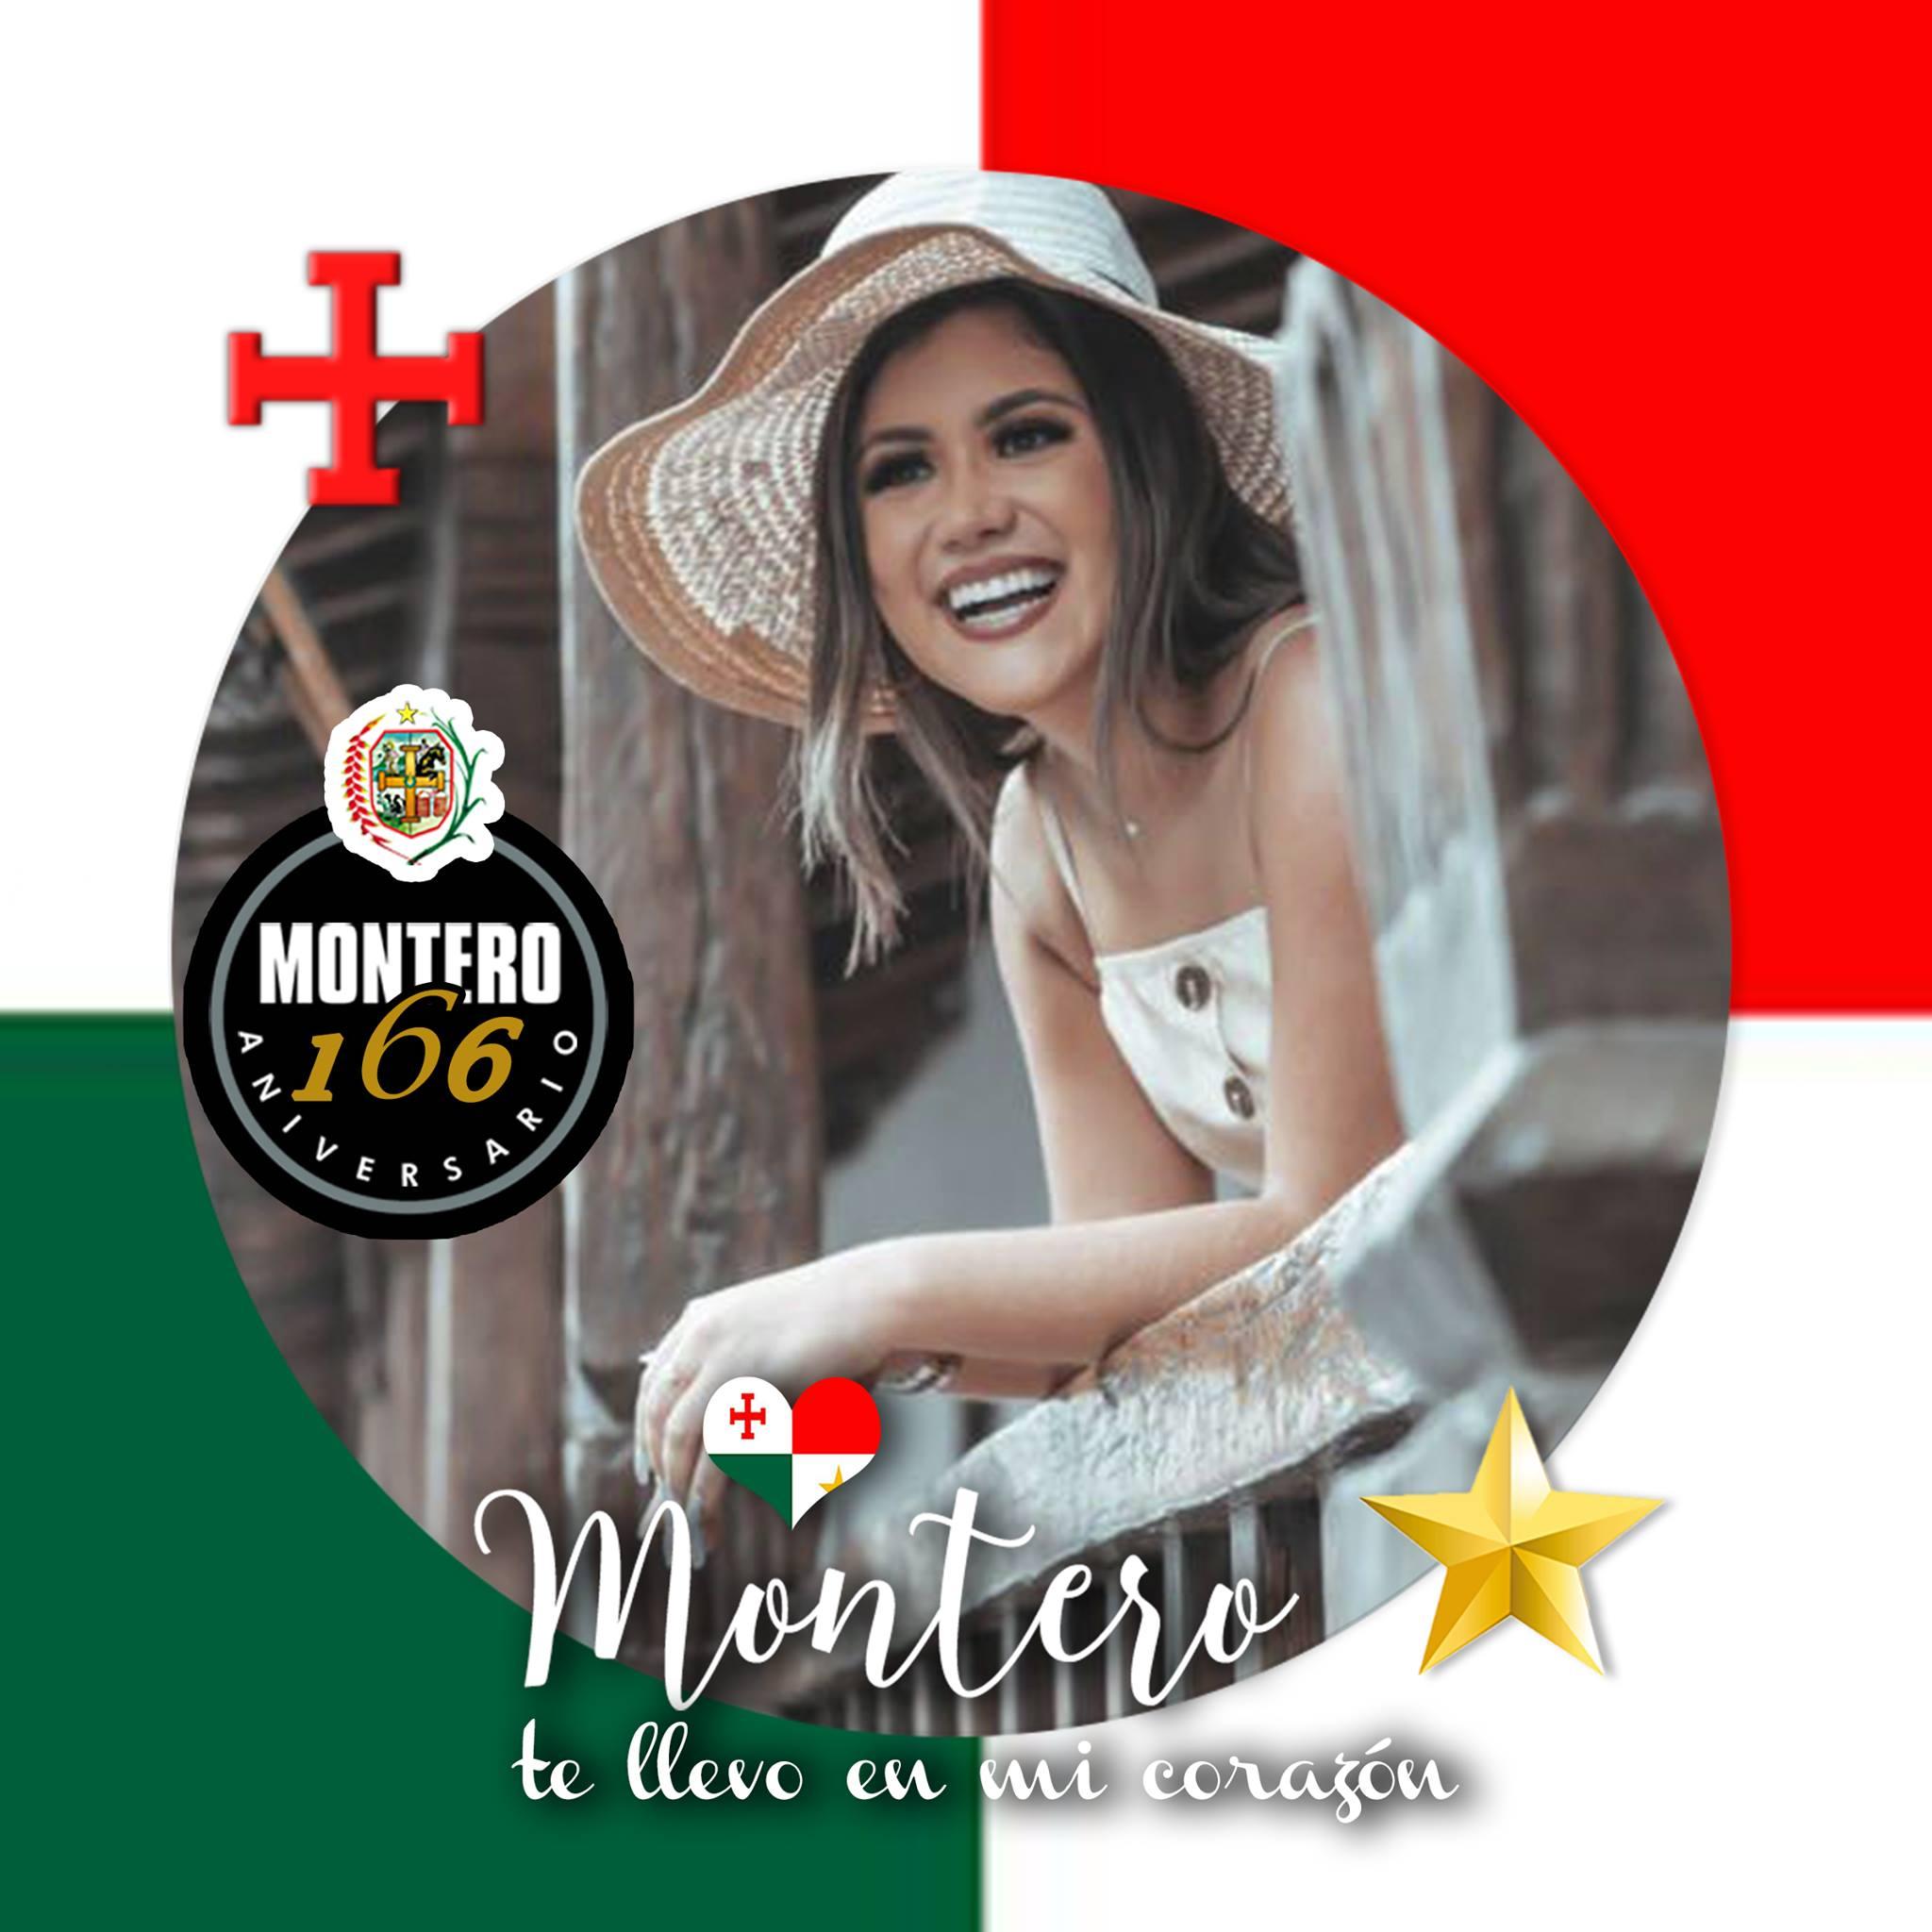 Embanderamiento virtual en su mes aniversario de Montero.